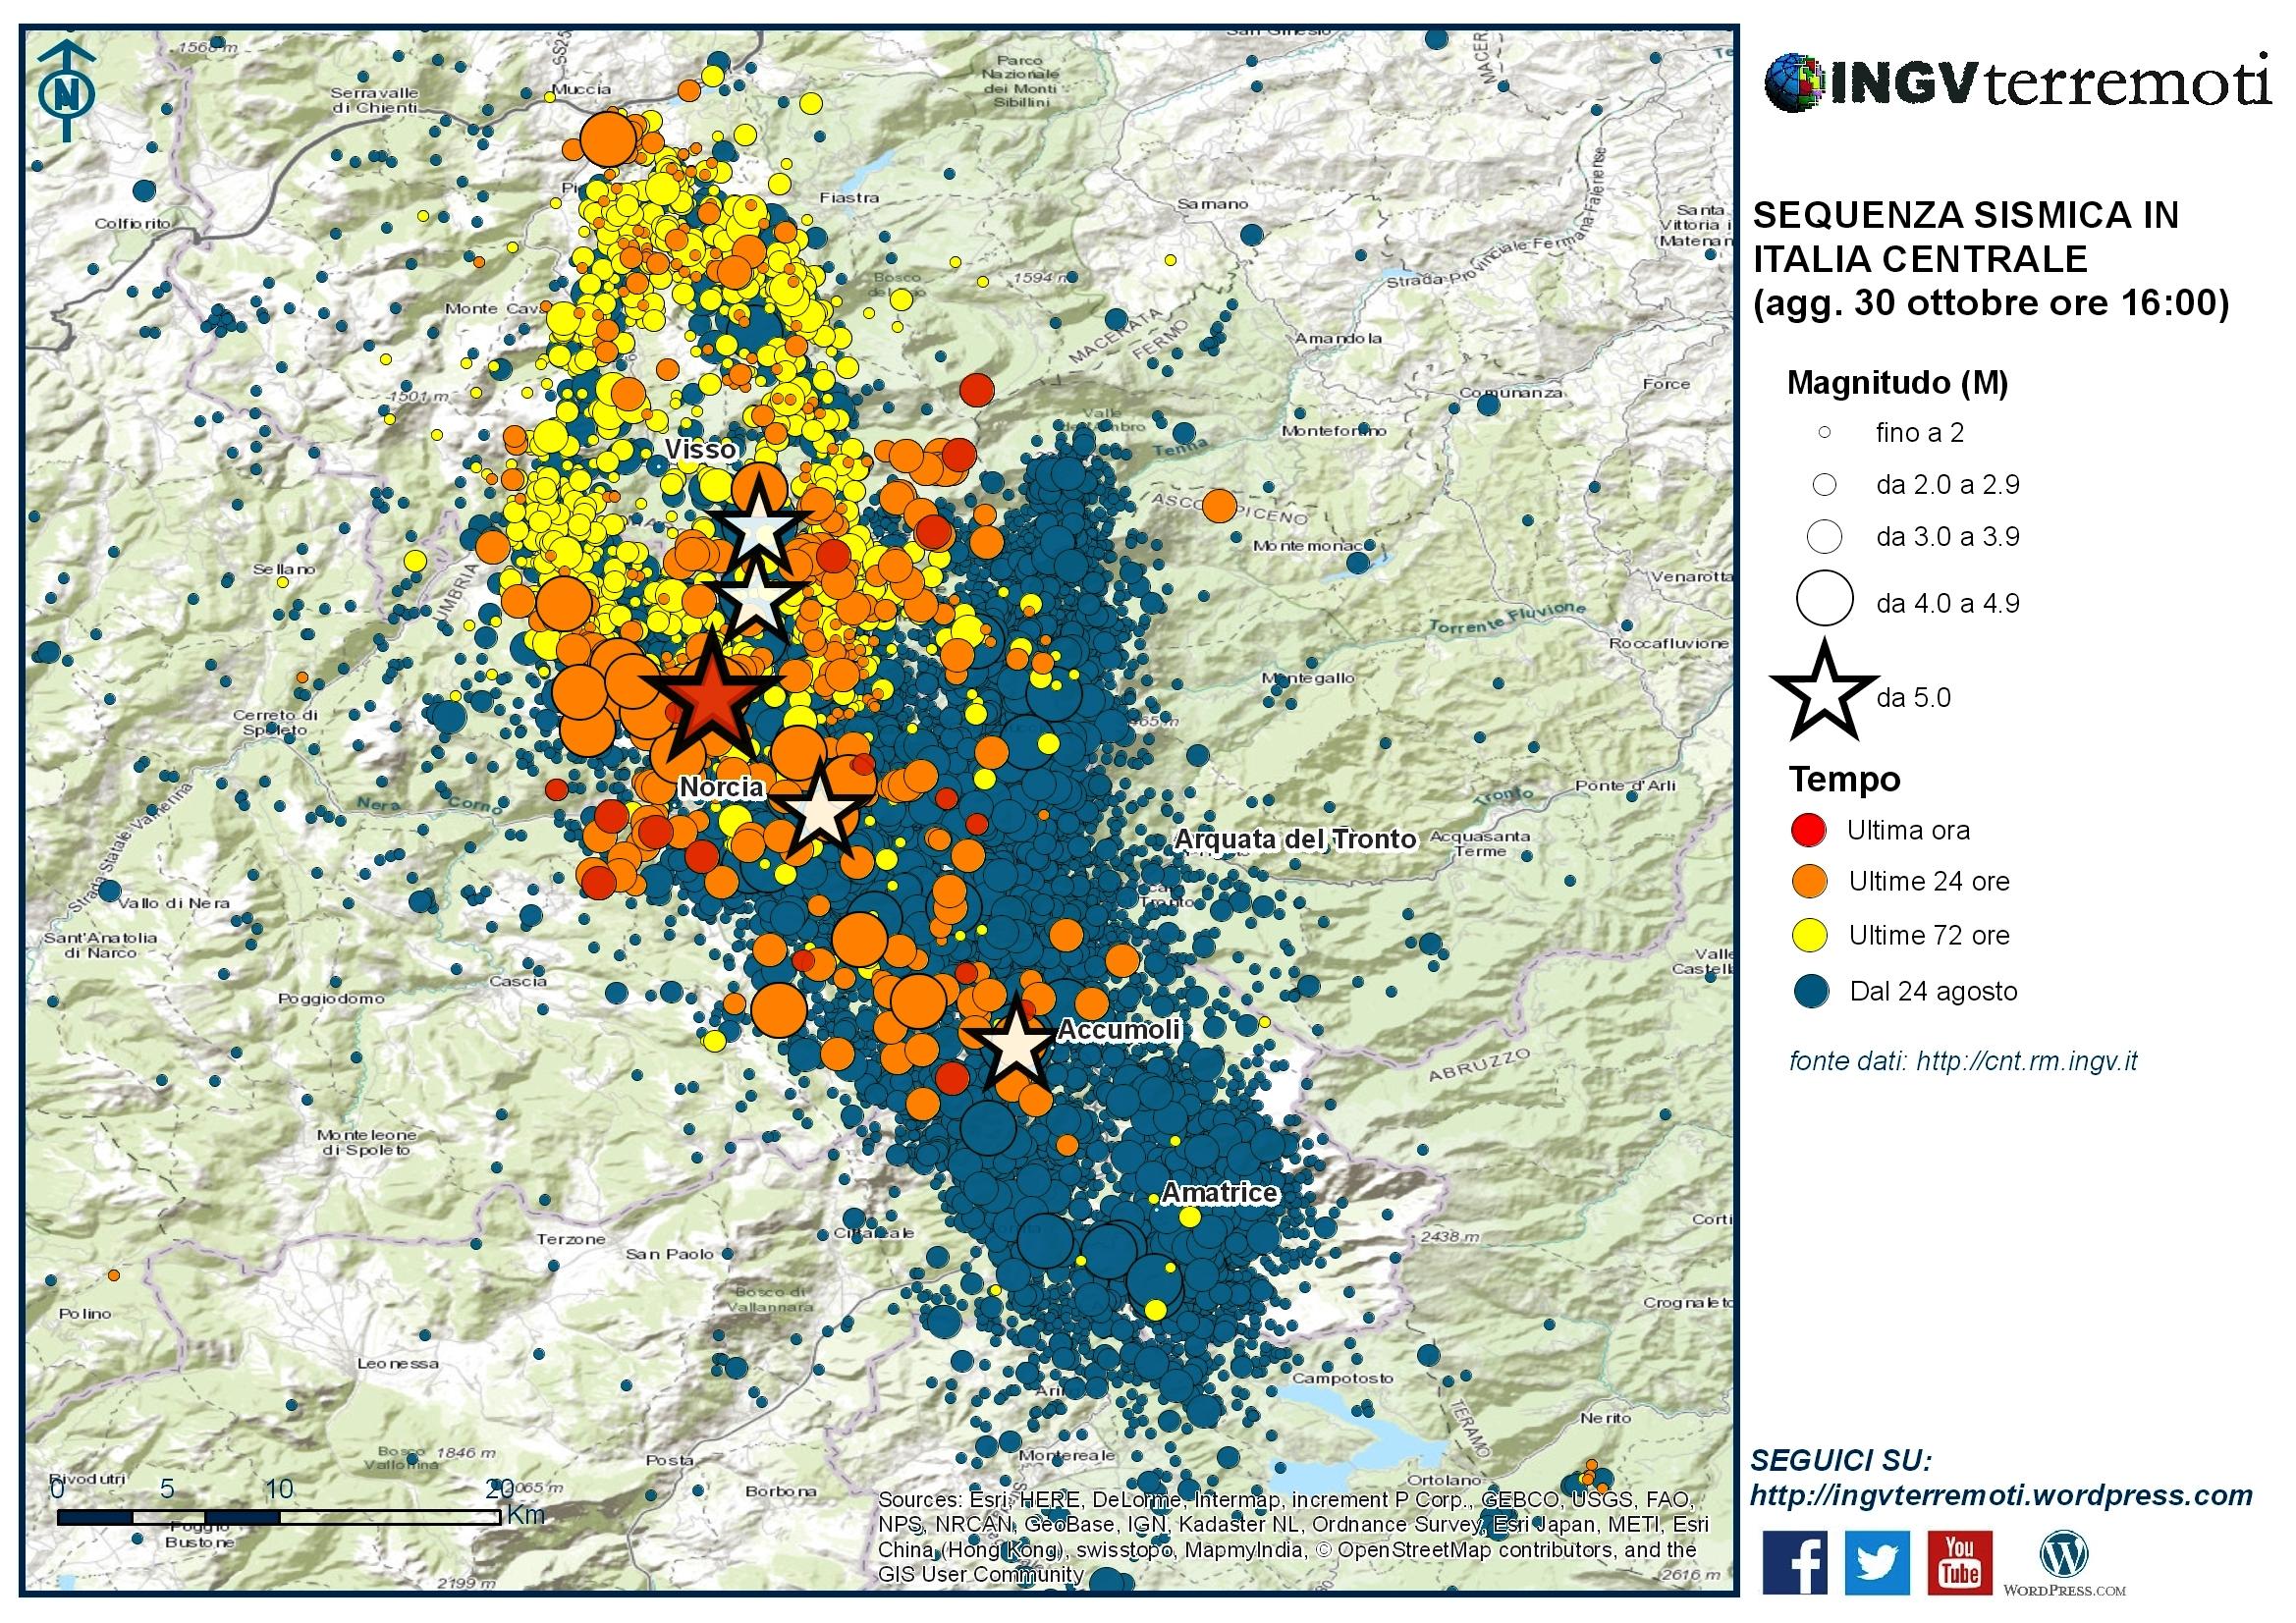 Sequenza sismica in italia centrale approfondimento e for Mappa sismica italia